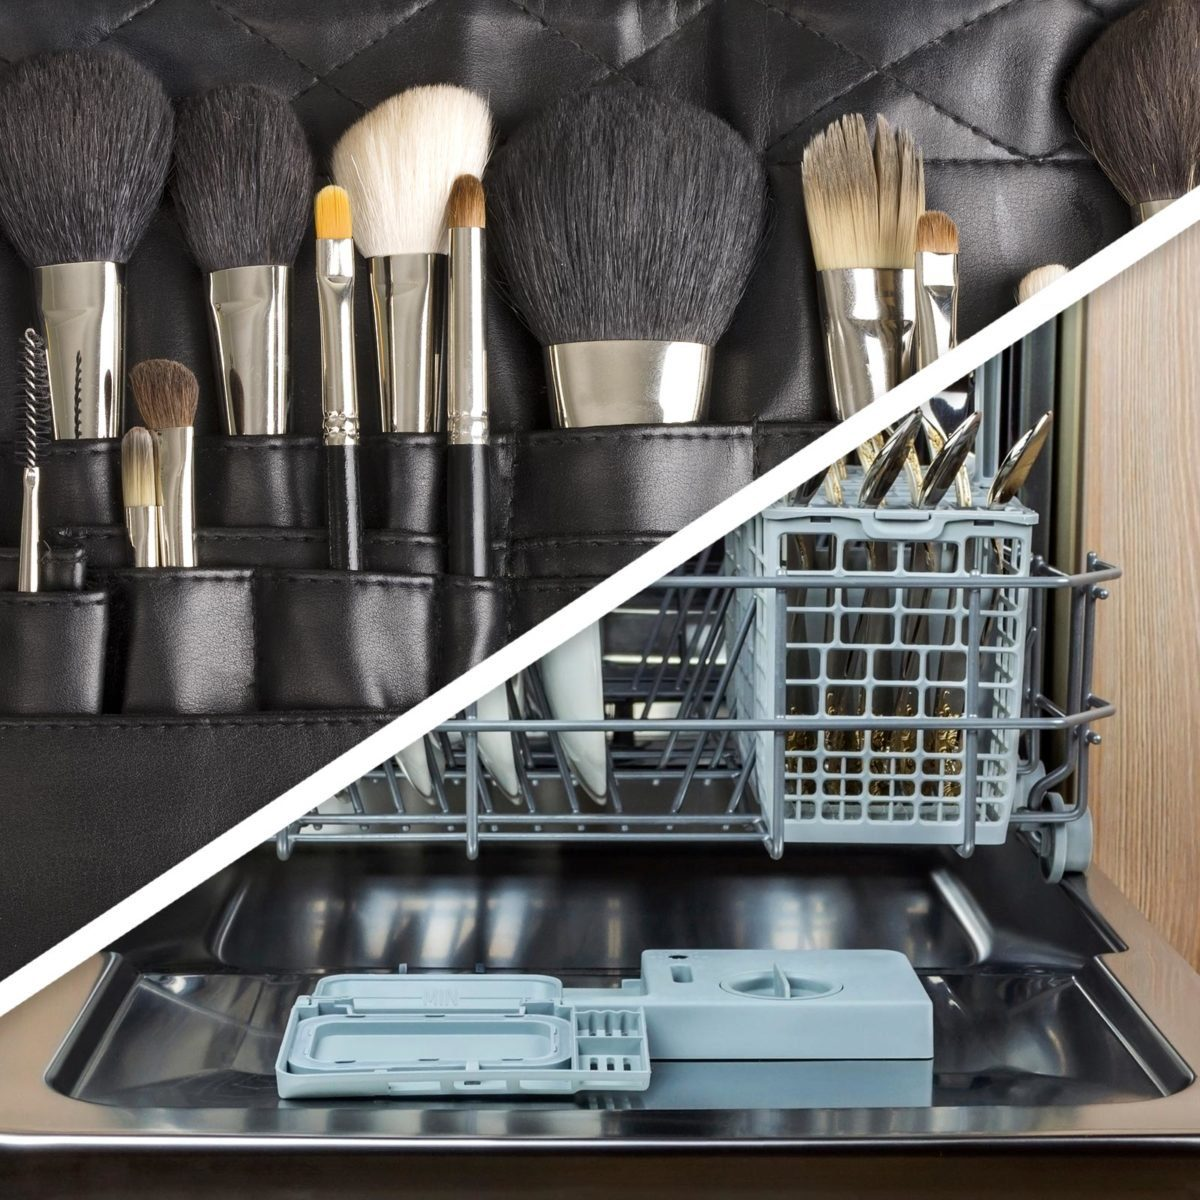 Make-up brushes and dishwasher